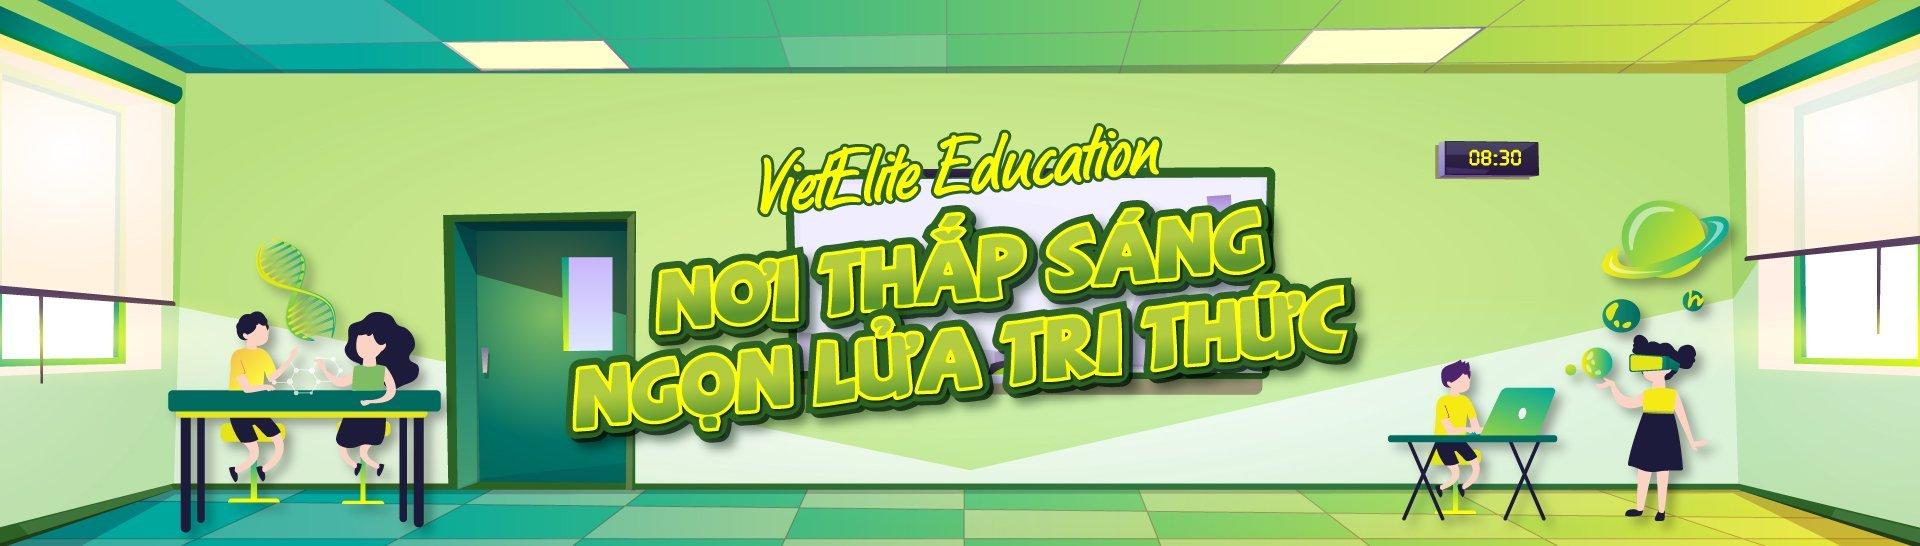 banner-VEE-1920x546